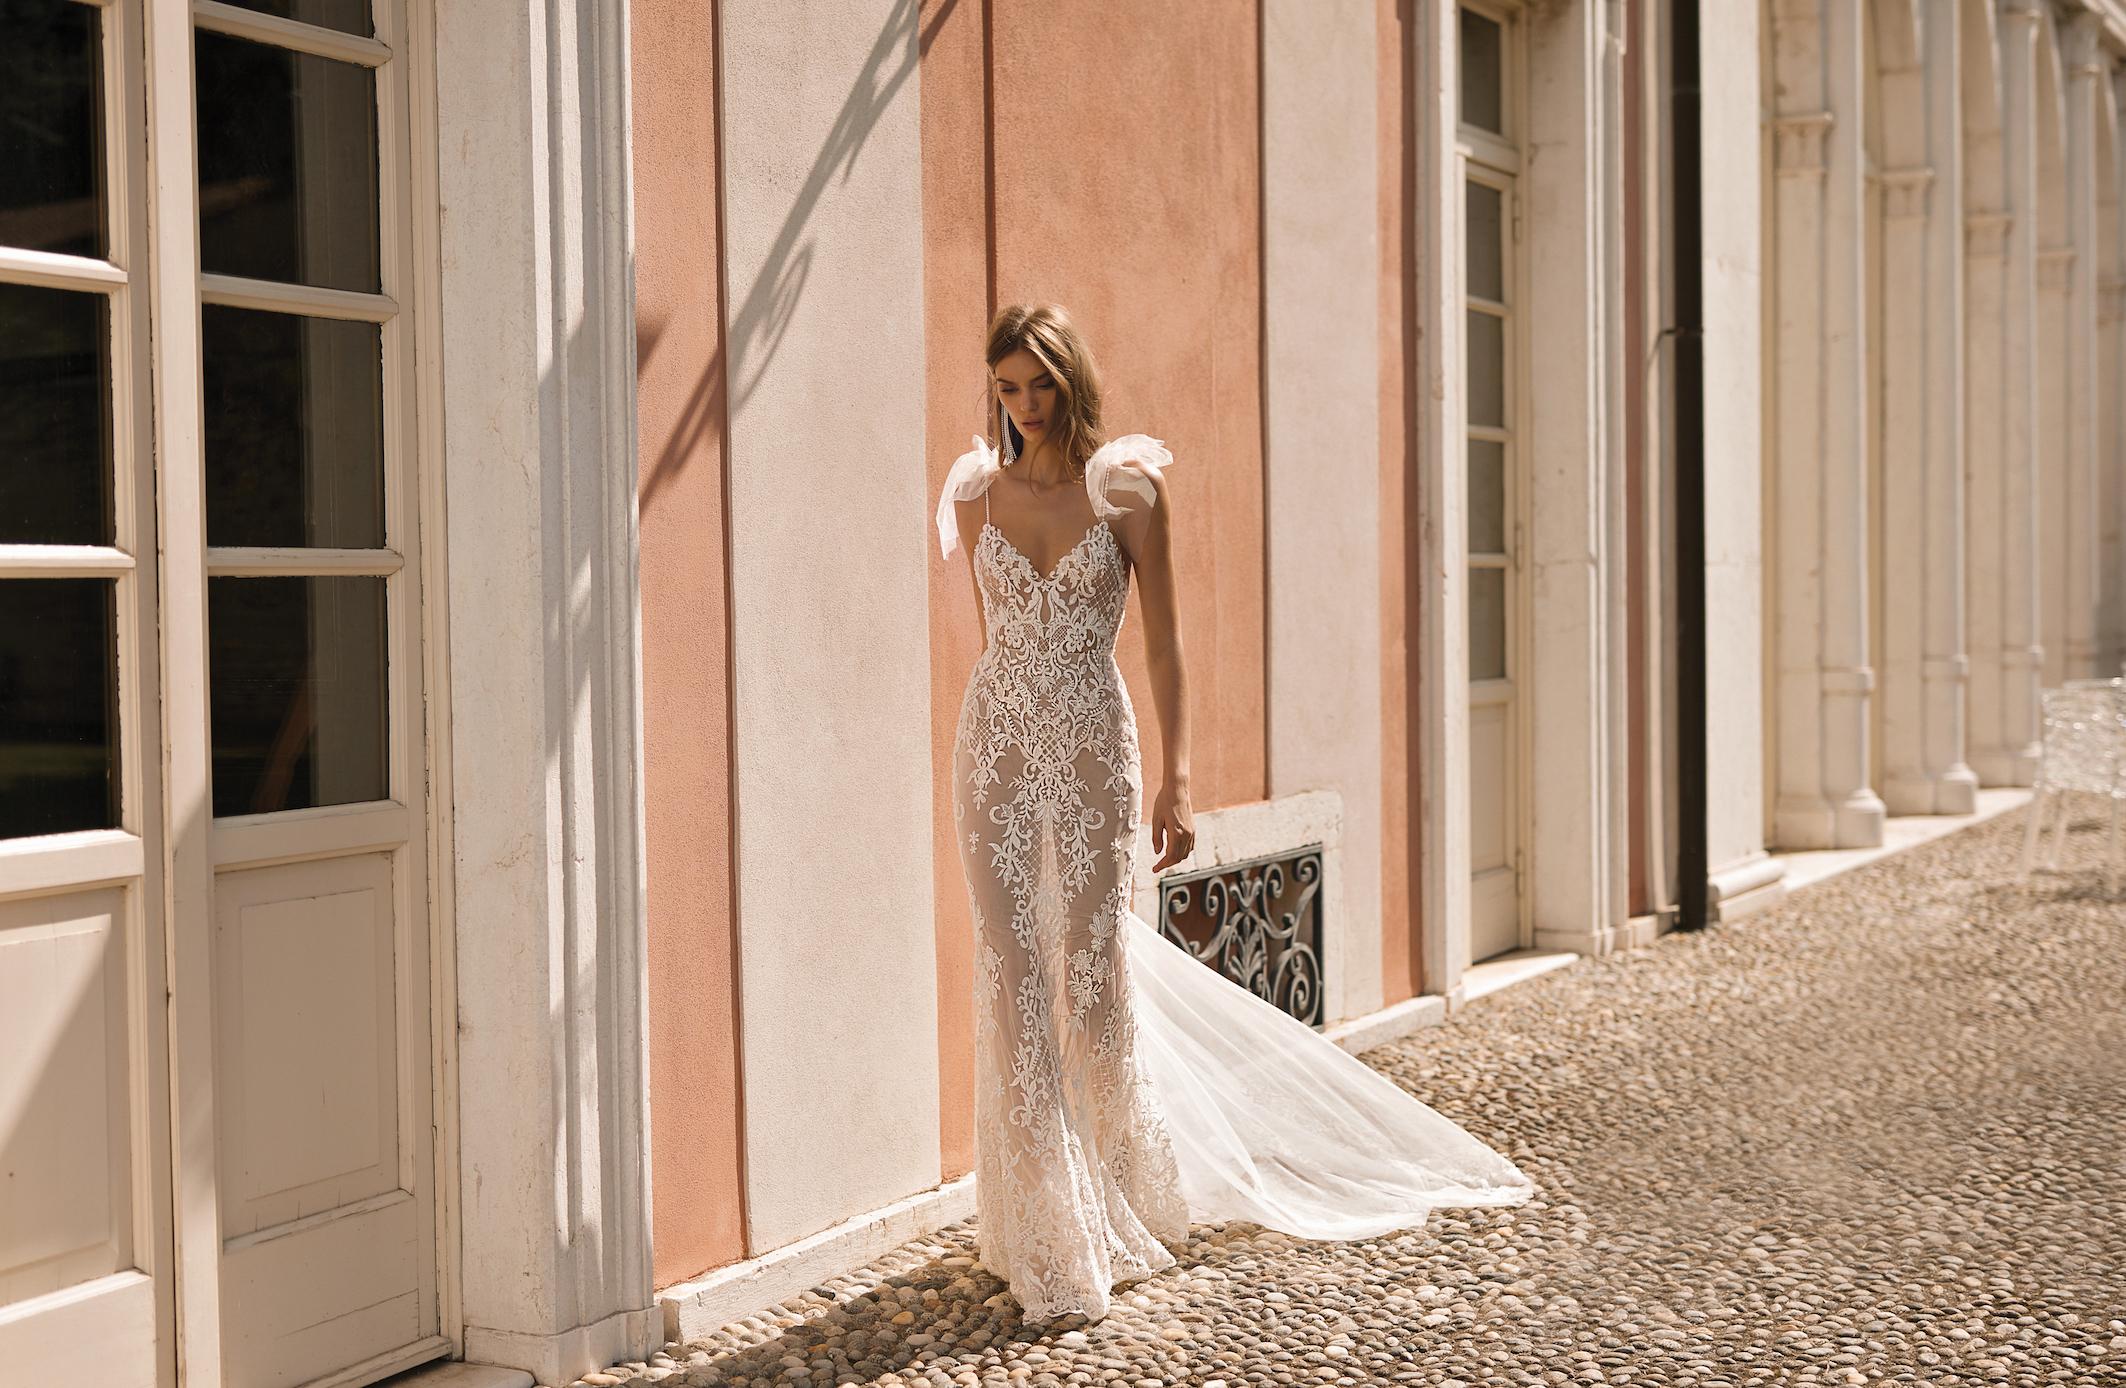 style 19 -p10 dress photo